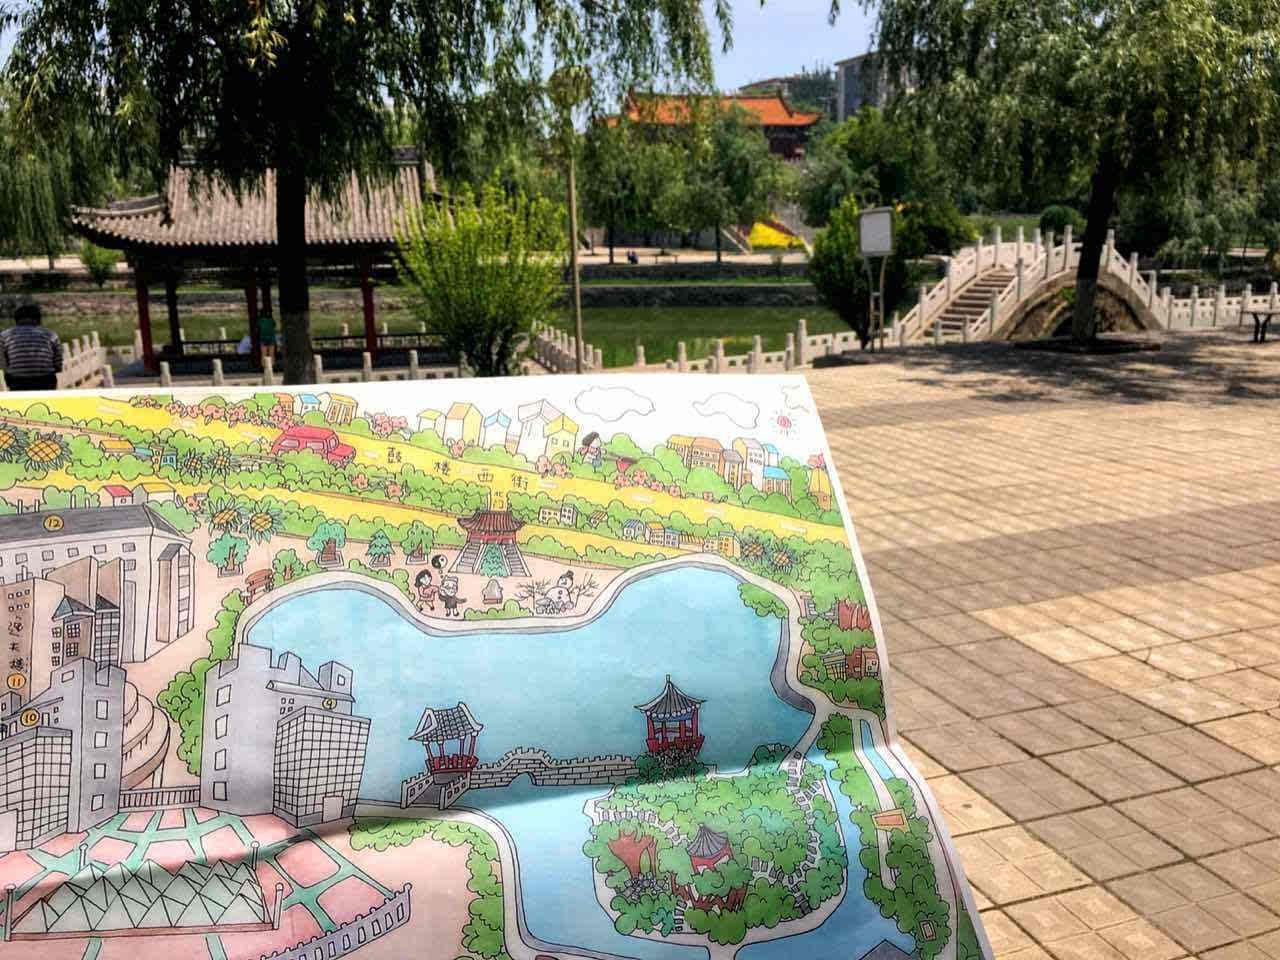 这组校园手绘图来自于山西师范大学美术学院1204设计班赵偲汝同学,在